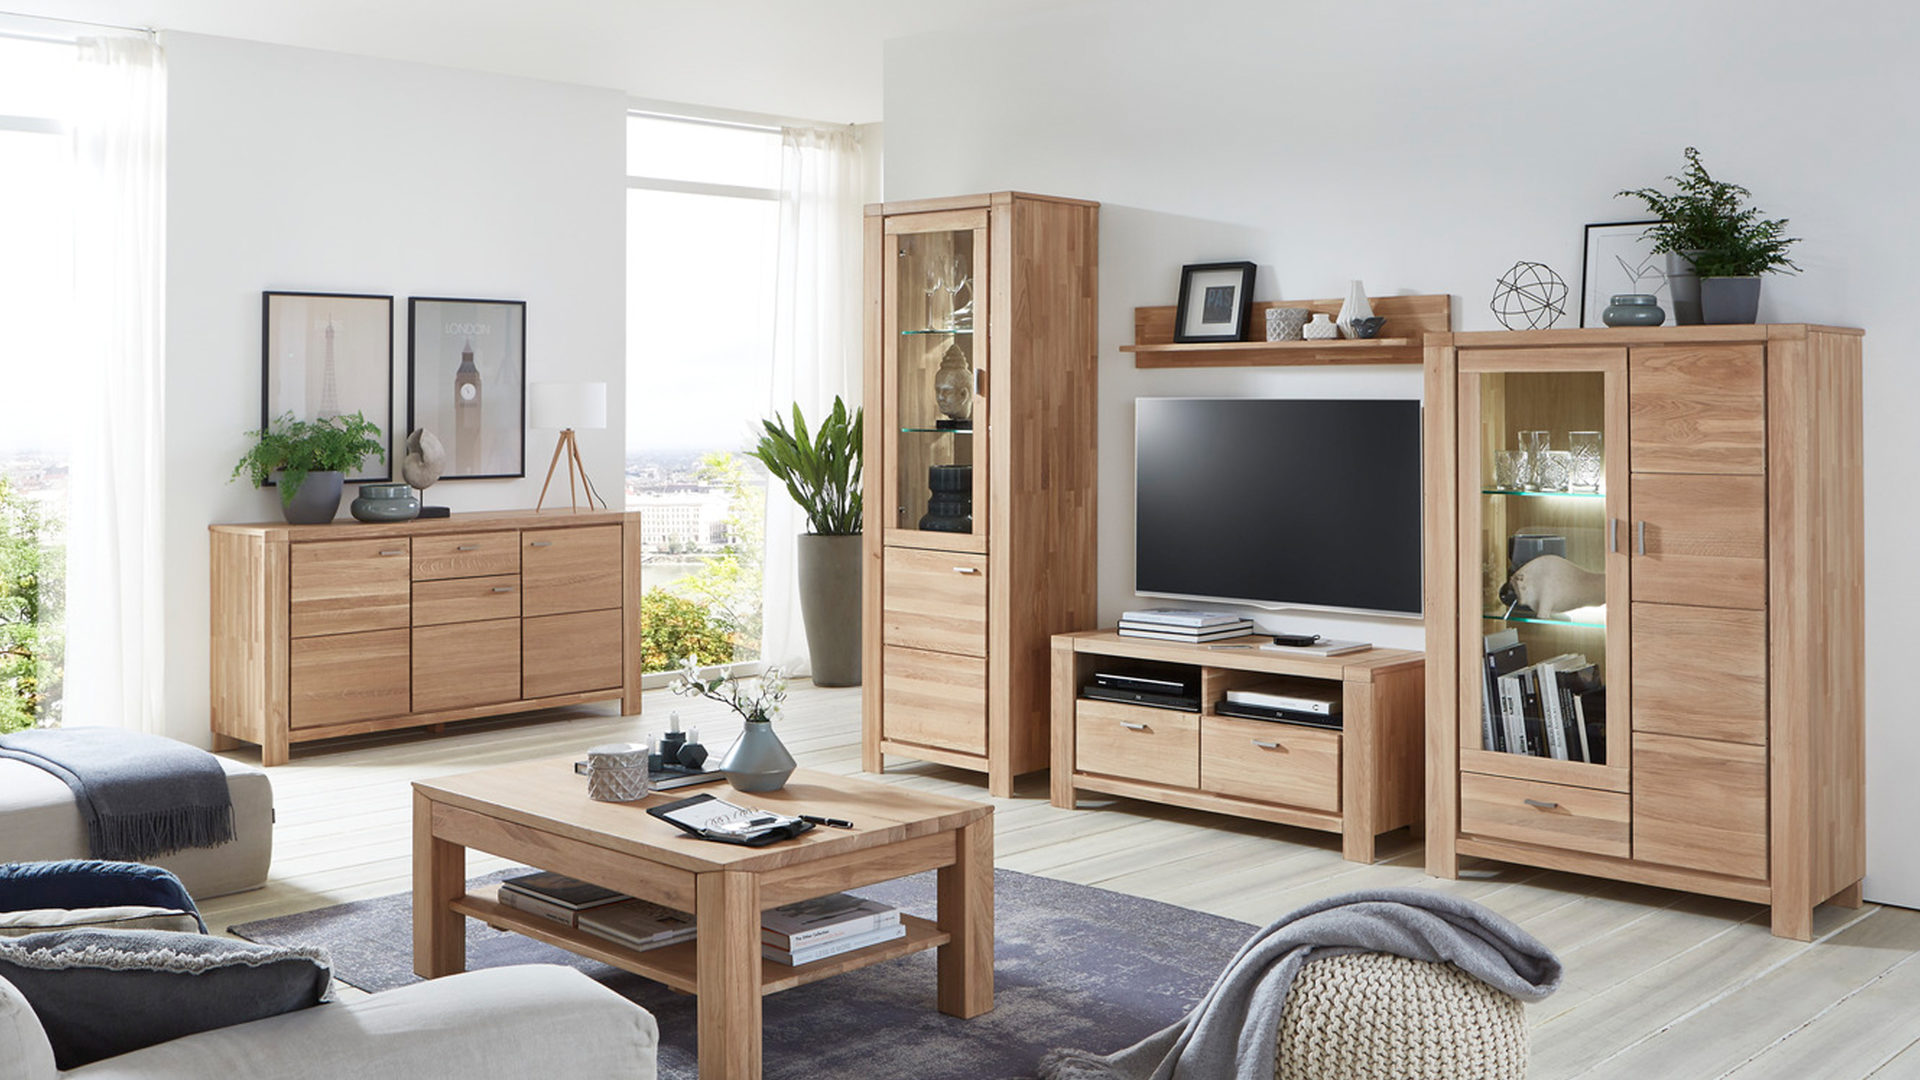 einrichtungspartnerring raume wohnzimmer tv medienmobel